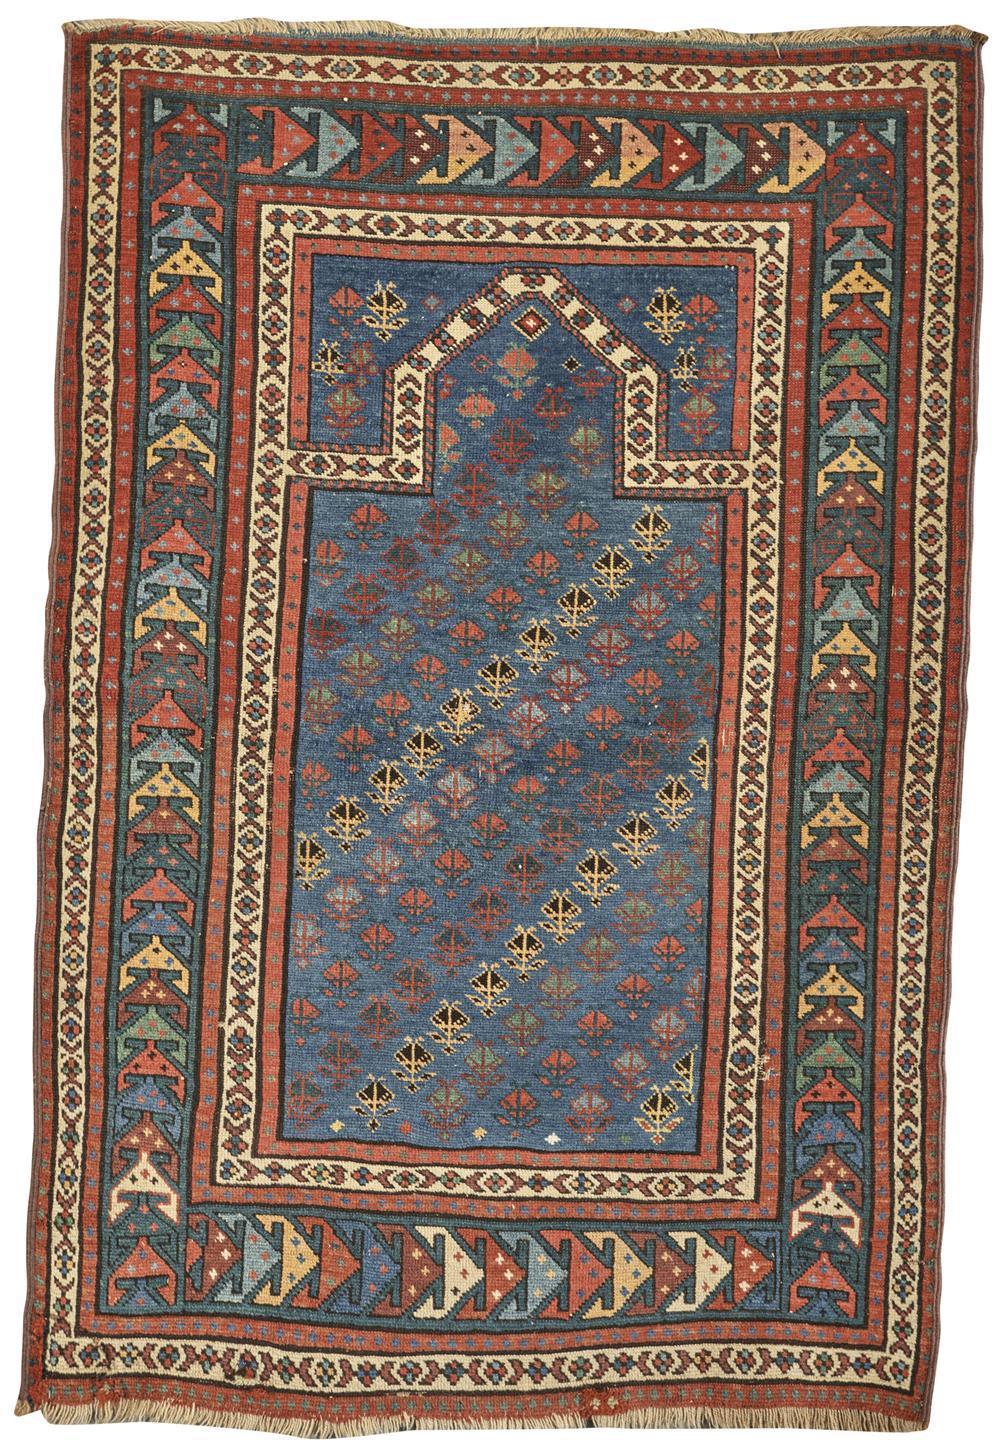 Caucasian Prayer Rug, ca. 1910; 4 ft. 3 in. x 2 ft. 10 in.